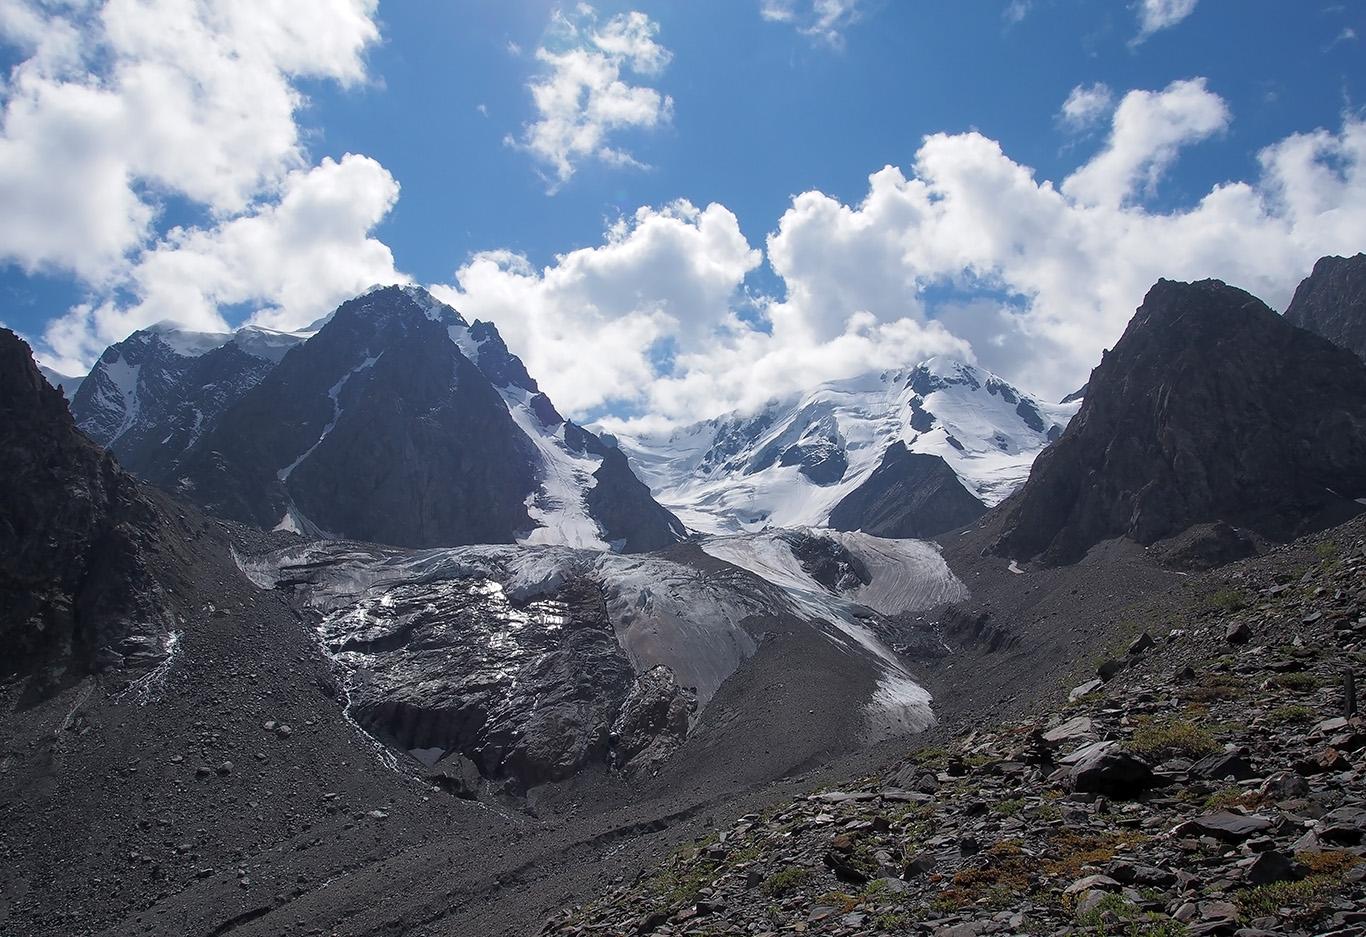 Я сердце оставил в этих горахТеперь бессердечный хожу по равнинам...Извините, народ, не только Фанские горы есть на свете, но Визбор все правильно сказал!Алтай. Поход на Шавлинские озера ледник горы h=2453 м